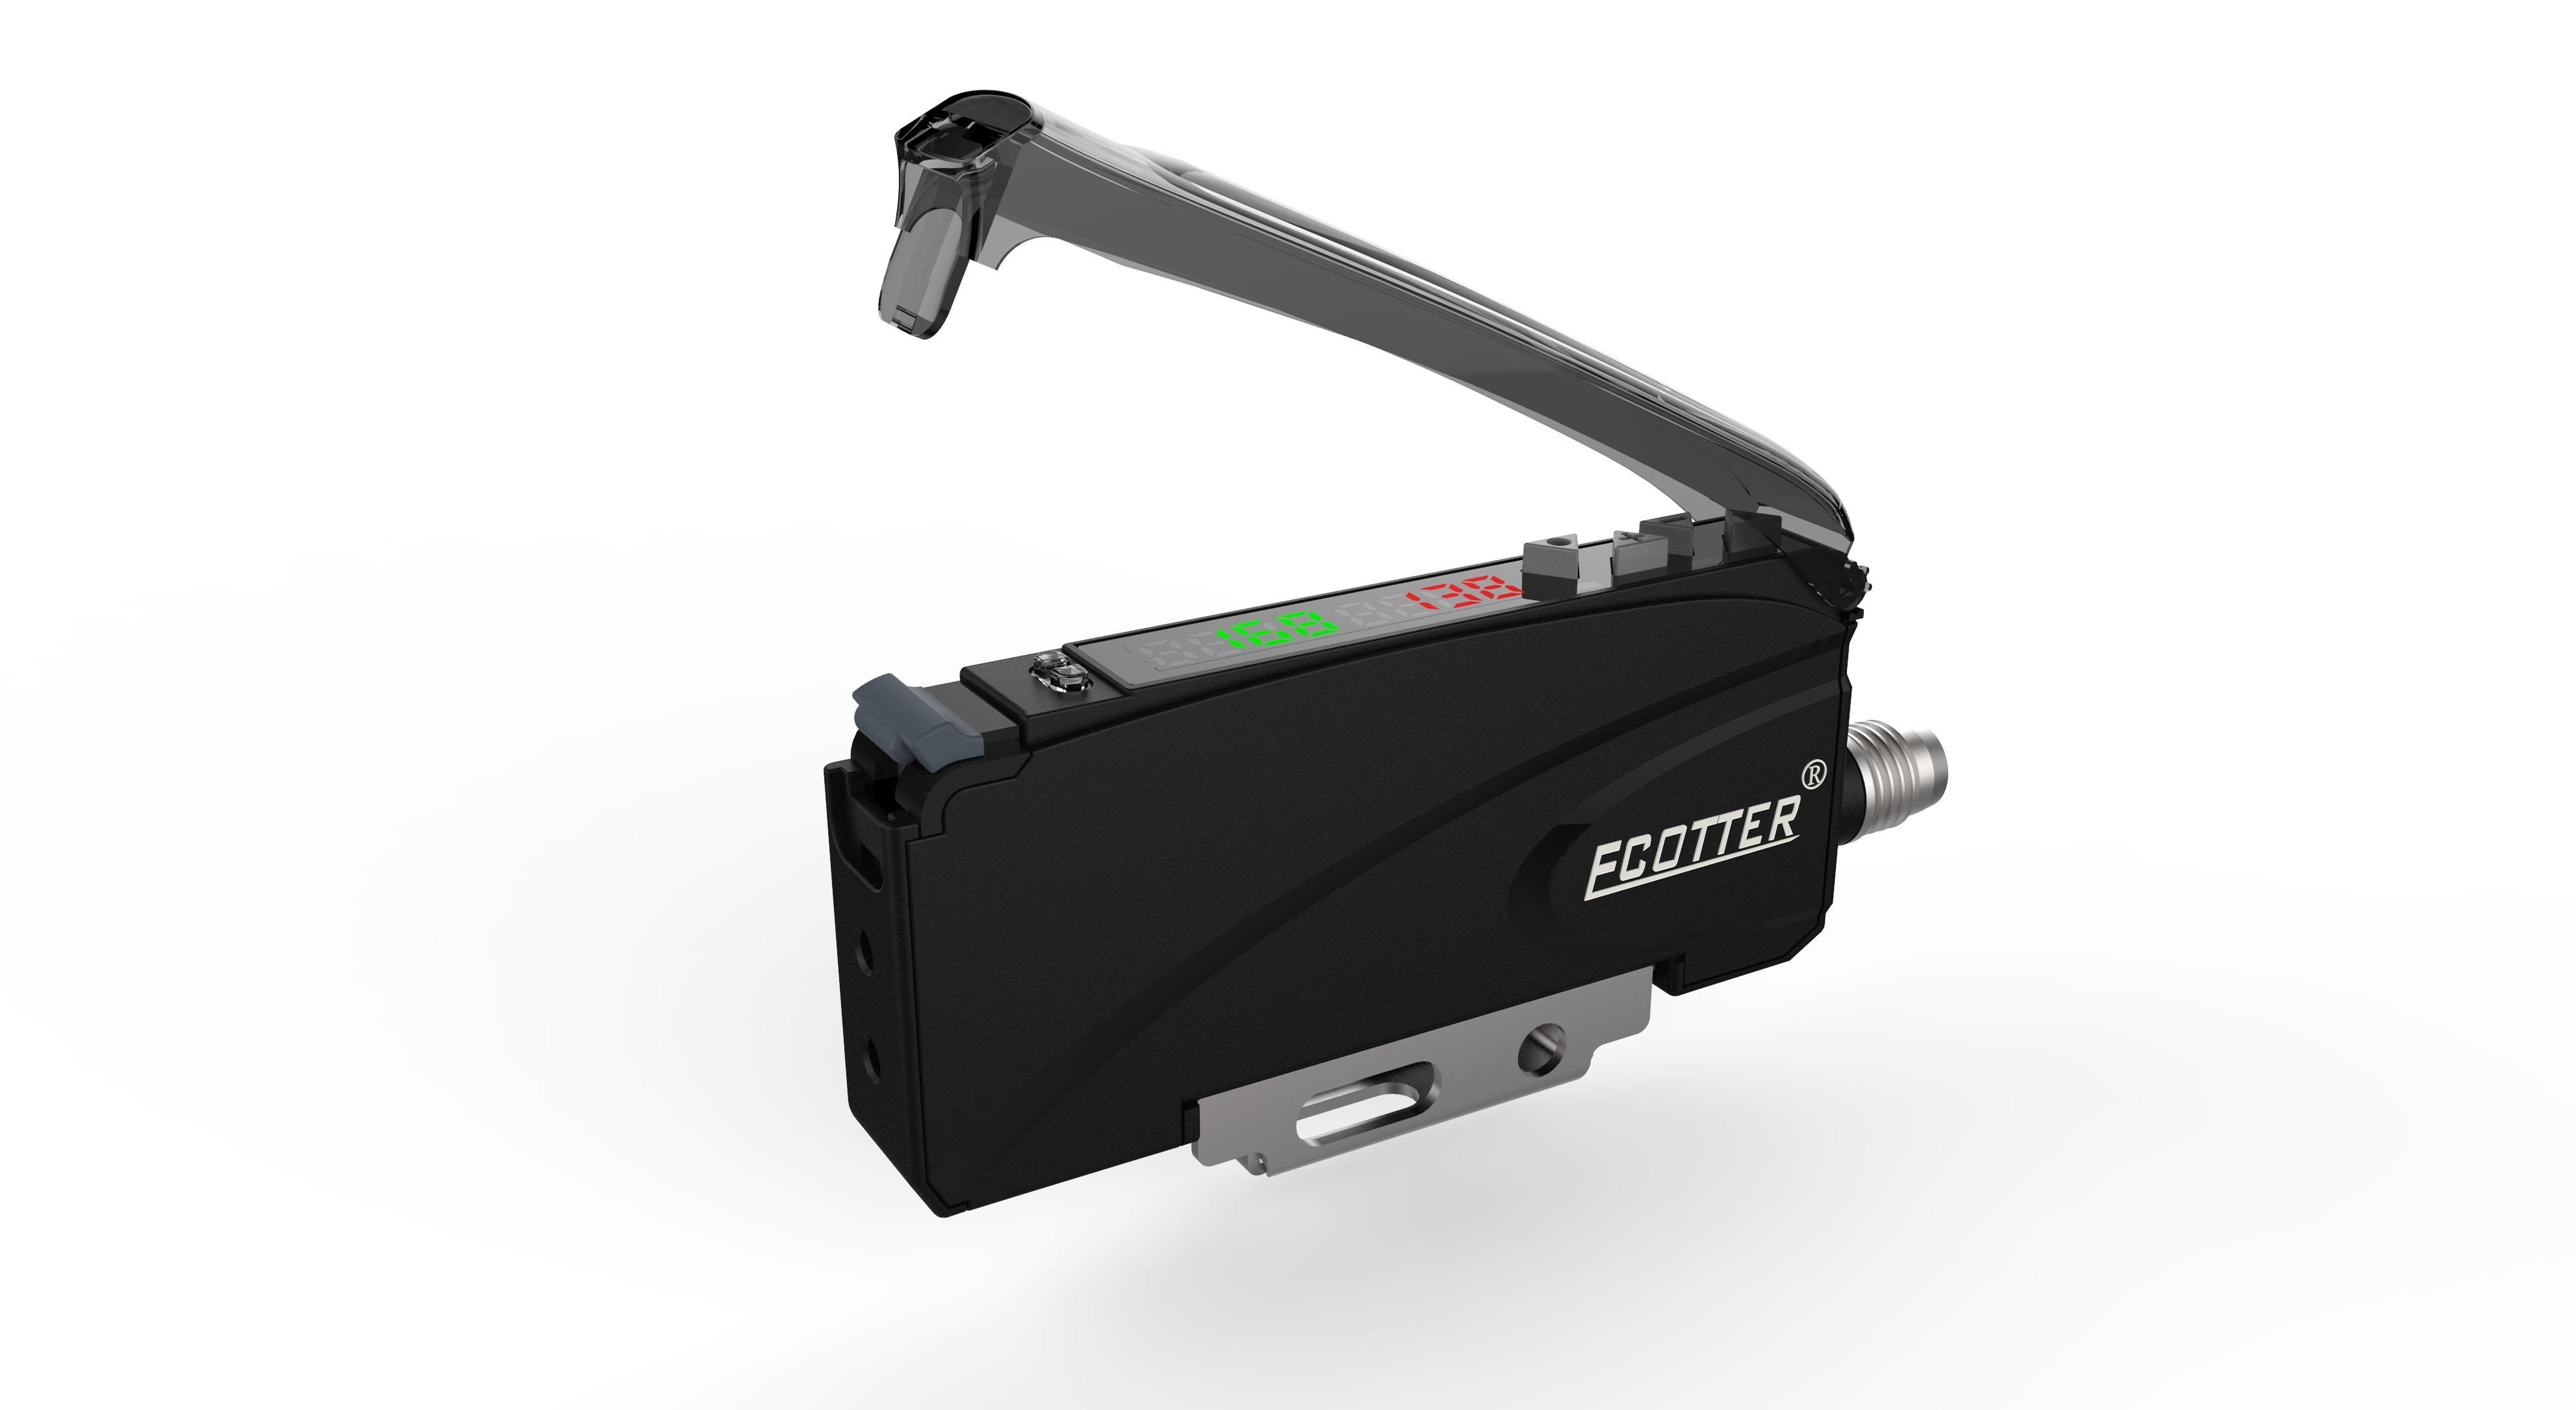 ECOTTER双数显FG-40光纤放大器